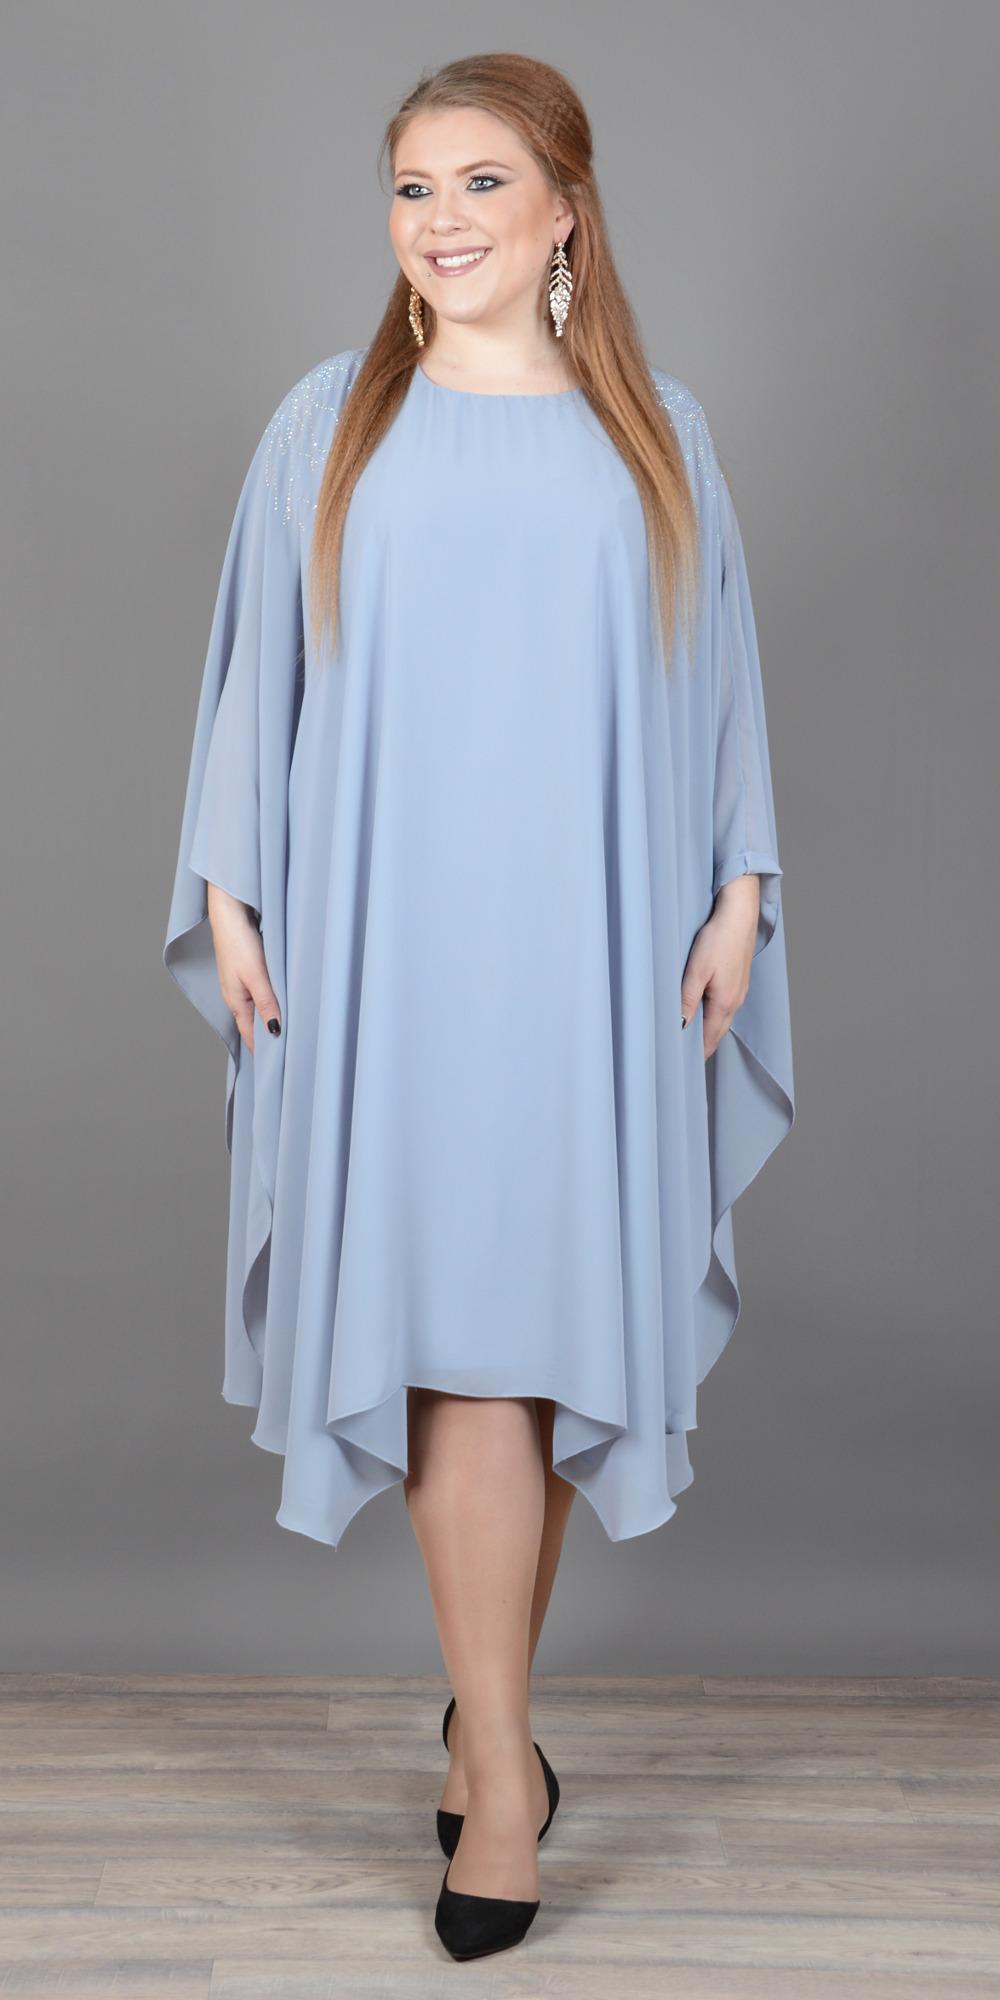 Платья Платье двойное из шифона  и трикотажа П-363-3 p-363-3-1000x2000.jpg